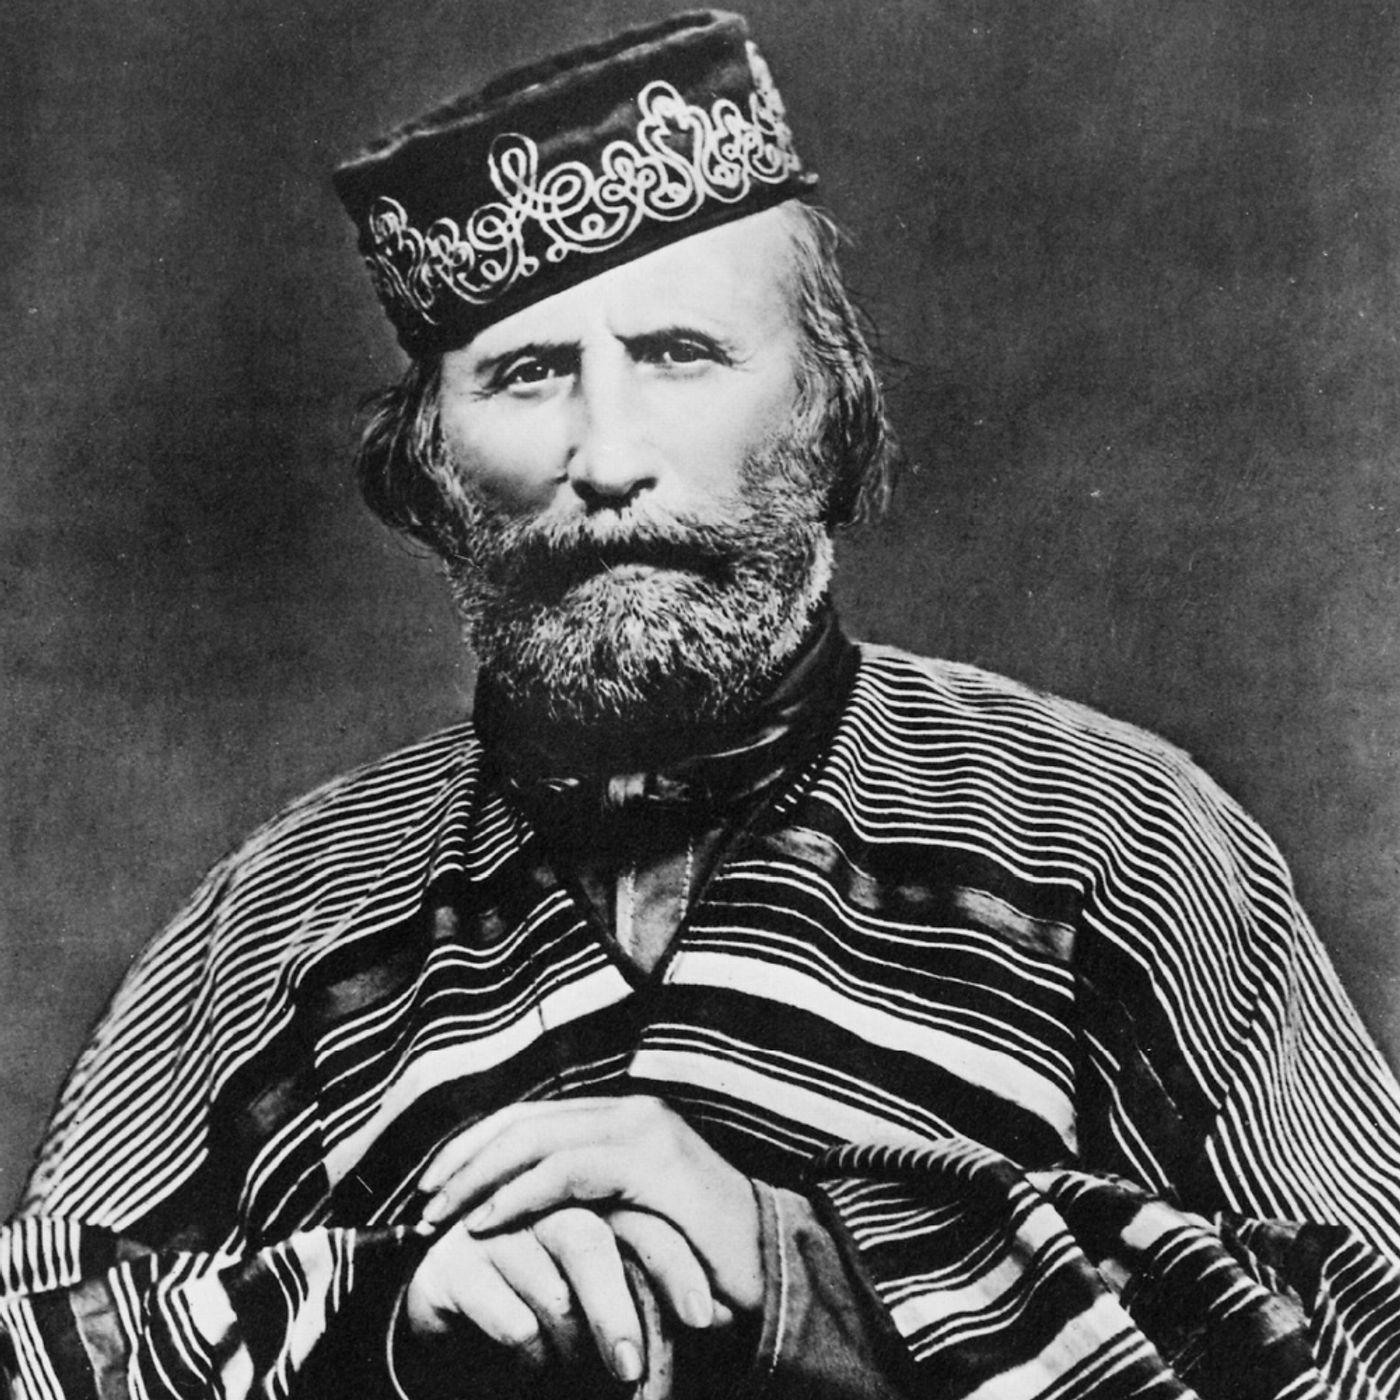 #24 Garibaldi - Pensare l'Italia - Barbero Riserva (Festival della Mente, 2010)